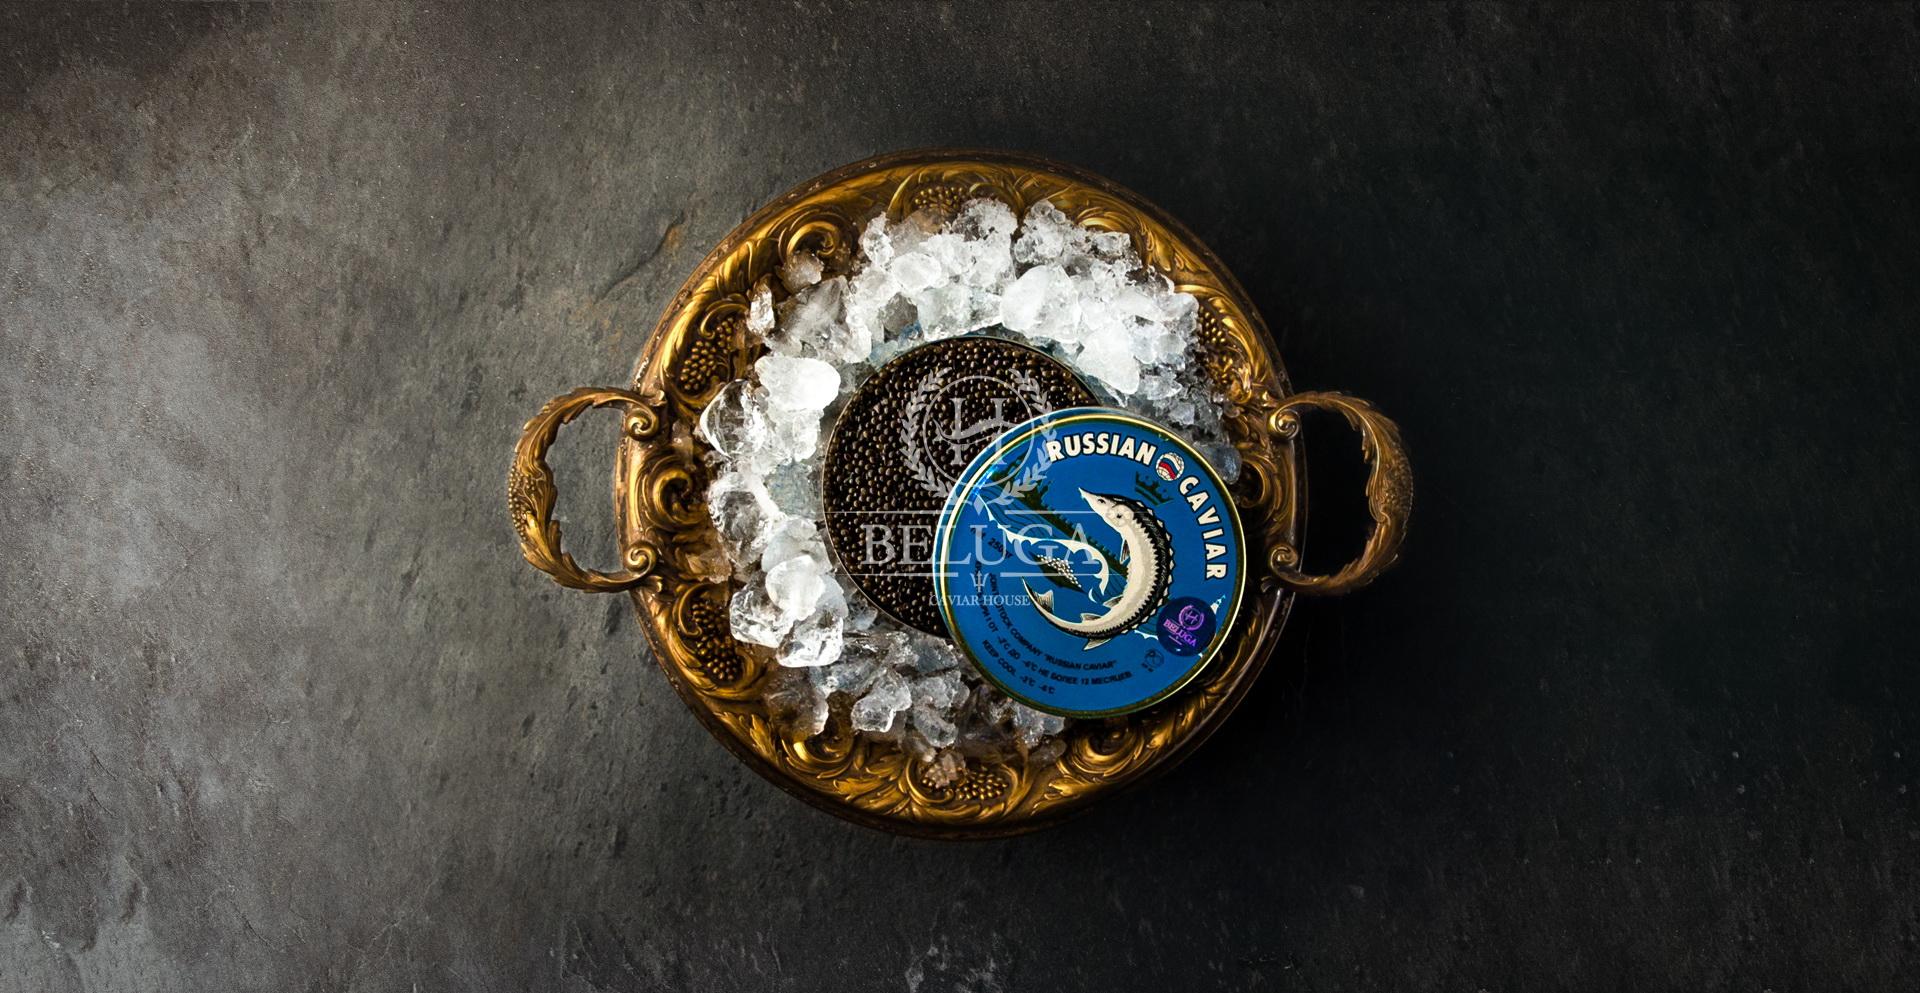 Black caviar of Russian sturgeon